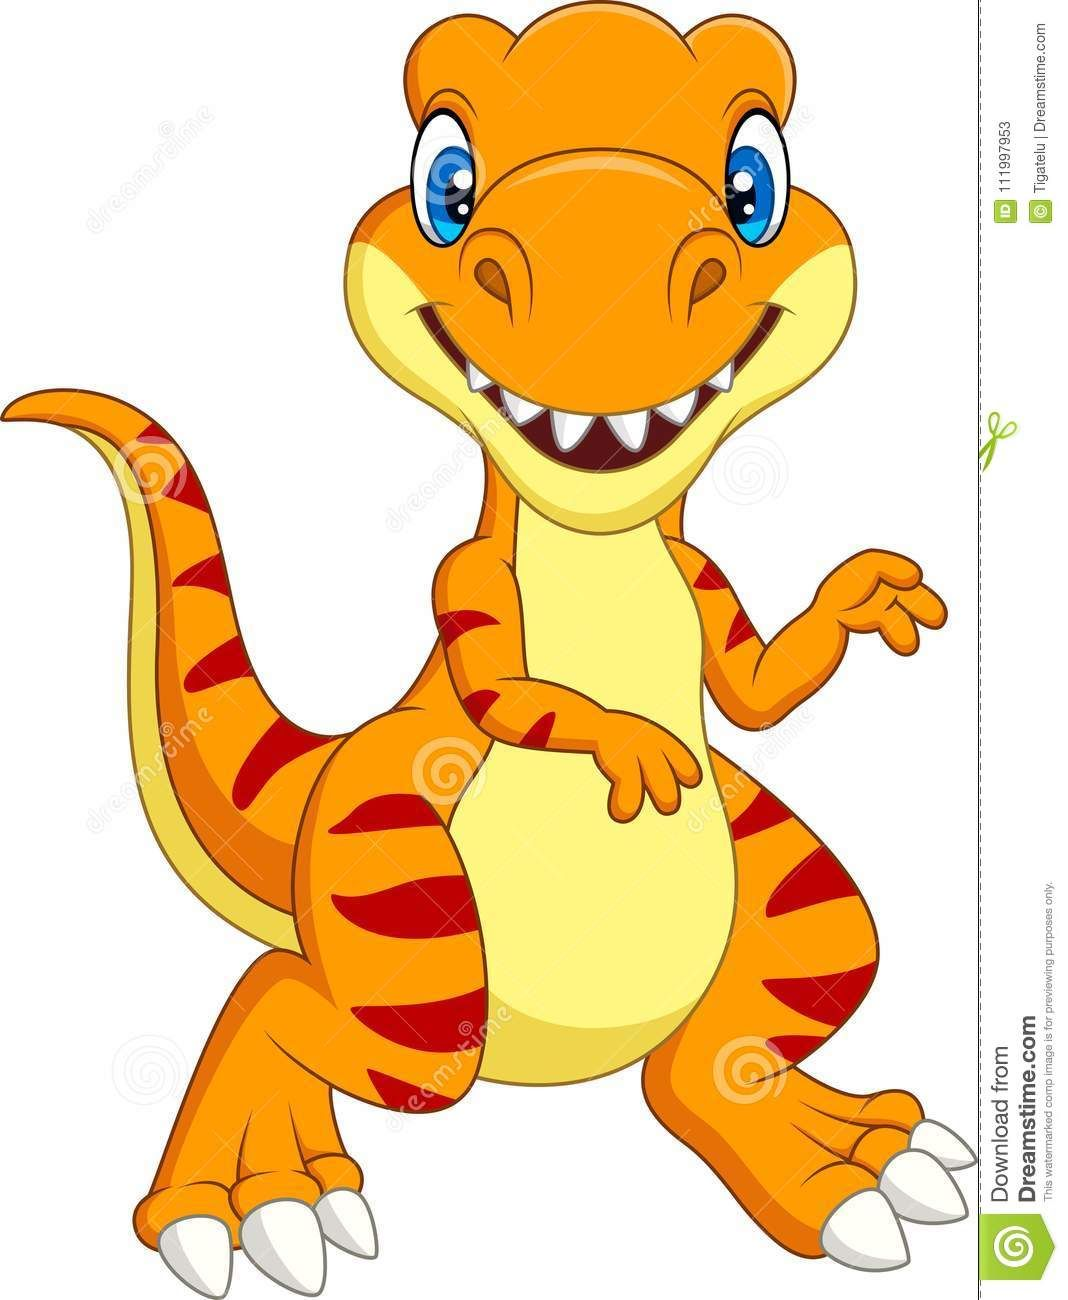 Cartoon Tyrannosaurus Isolated On White Background Stock Vector - Illustration of predator, isolated: 111997953